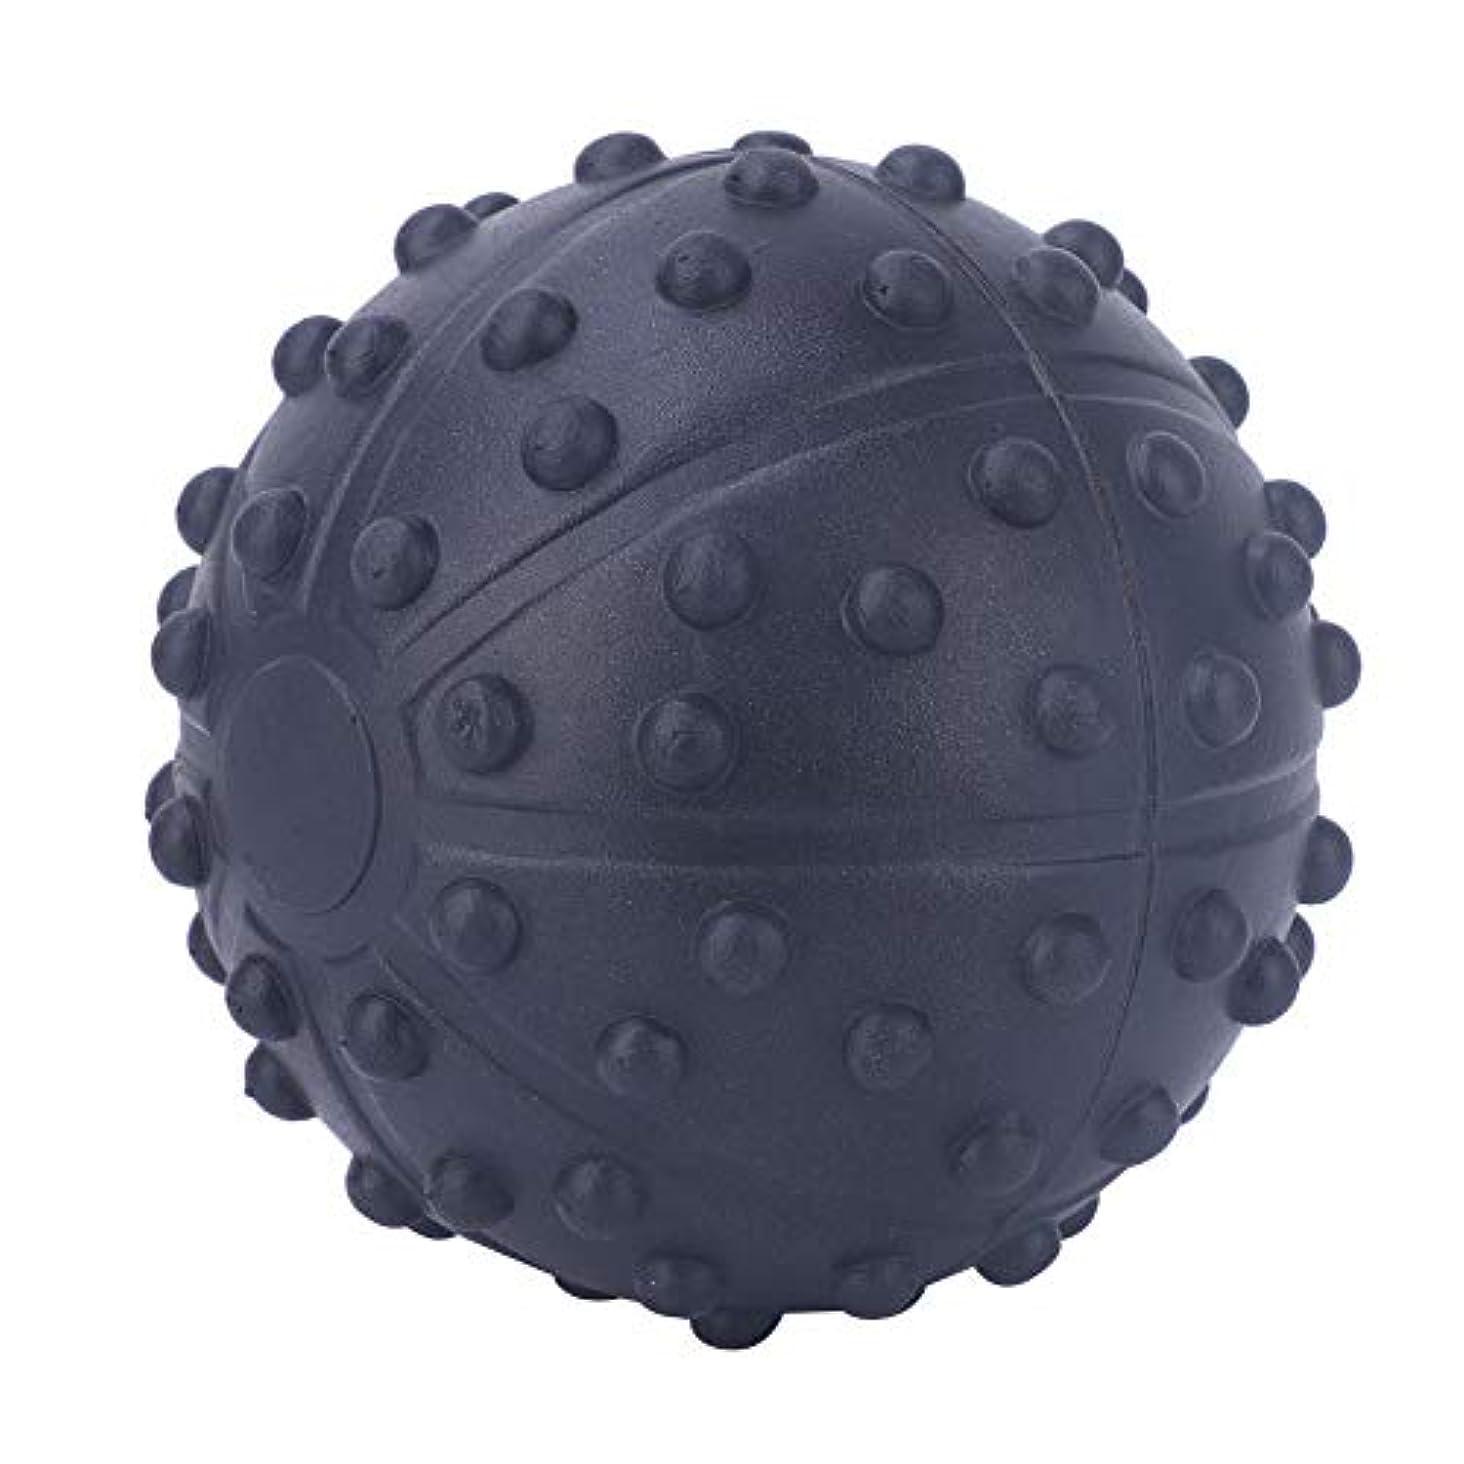 倫理揺れるテレマコス深いティッシュヨガの筋膜の球、ヨガの疲労筋肉は筋肉救済、背部、首および足のマッサージャーのためのスポーツの球を取り除きます